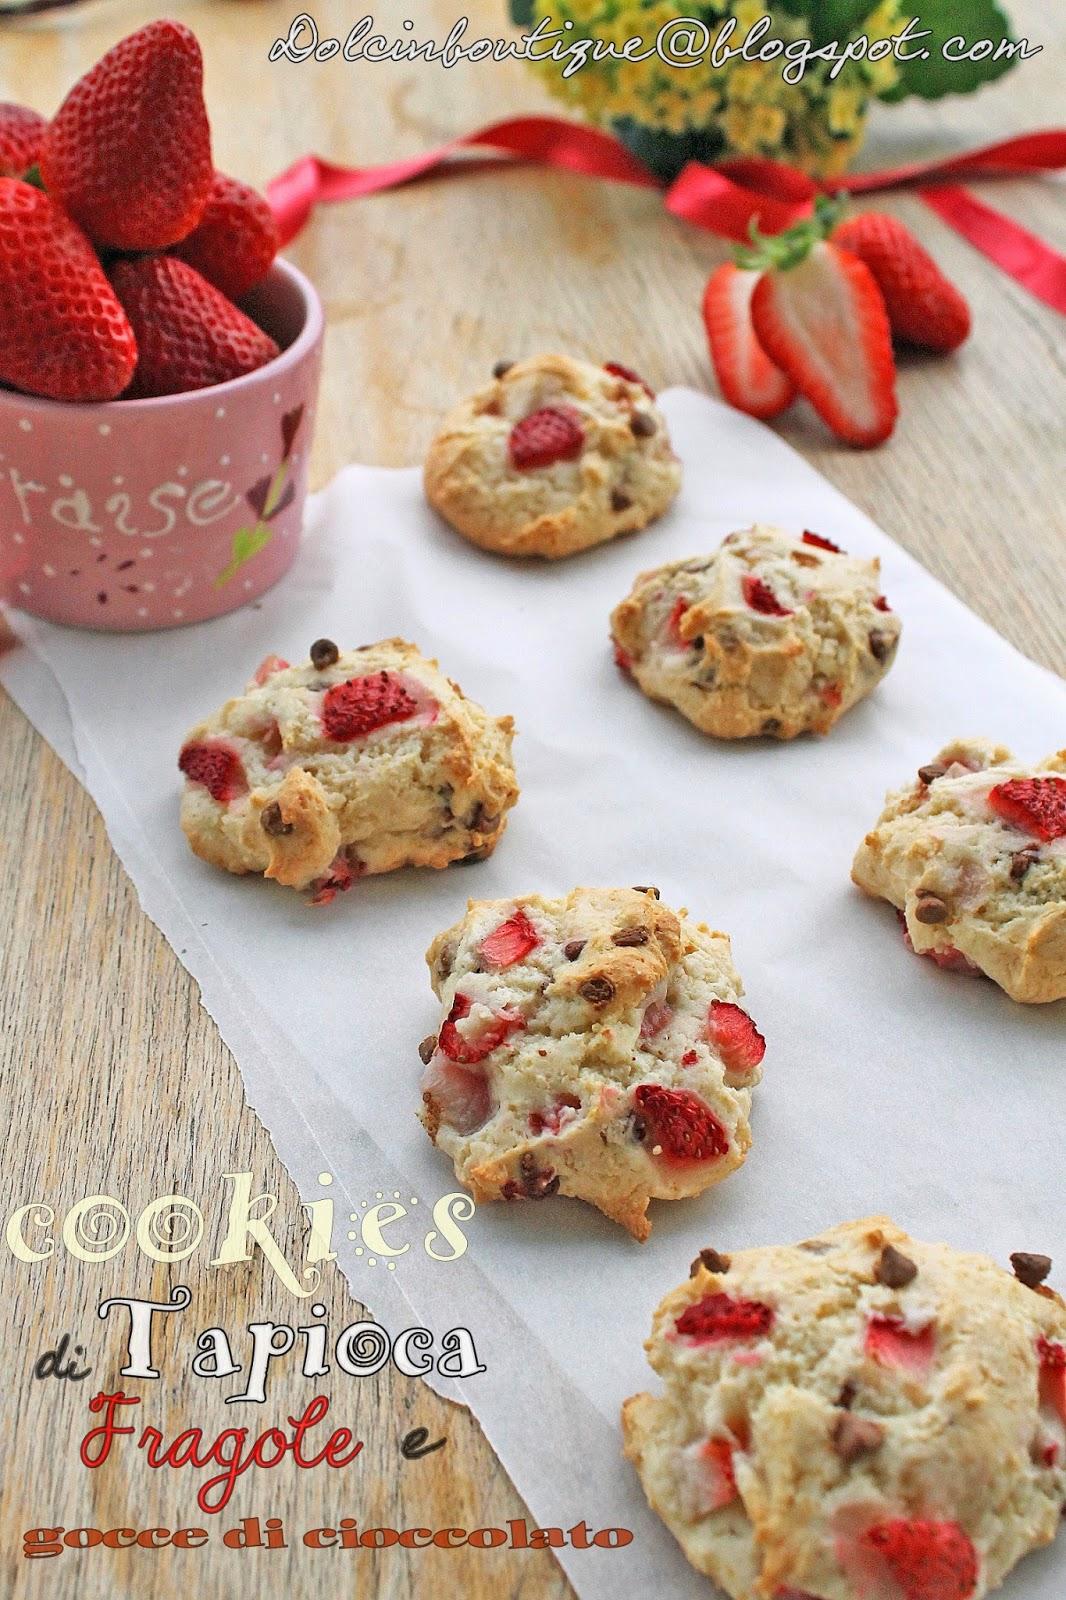 cookies di tapioca con fragole e gocce di cioccolato (gluten free)